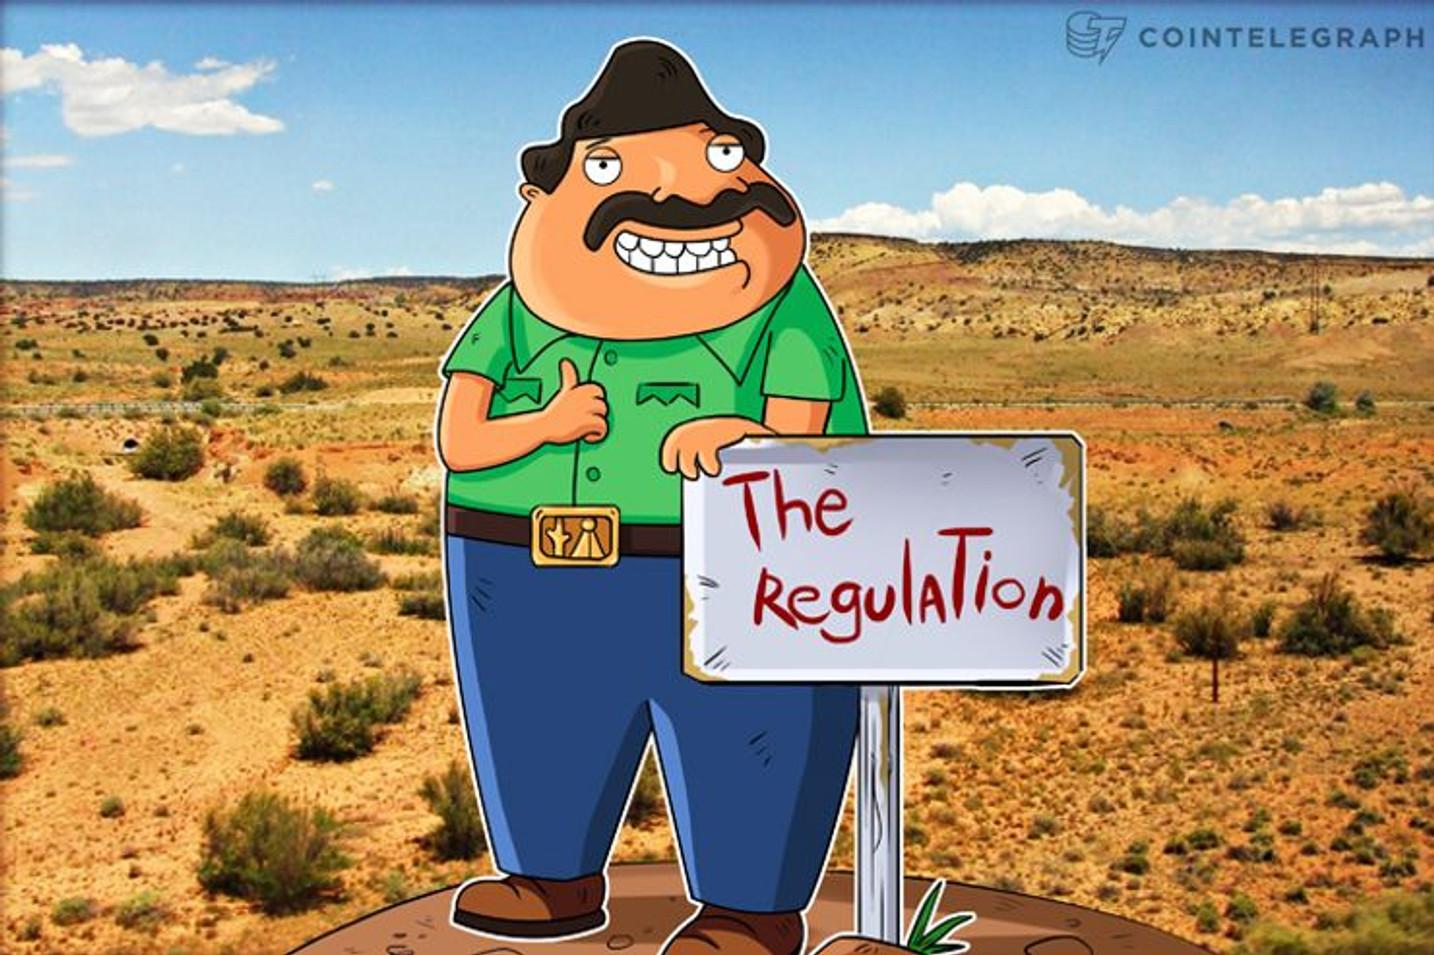 México: Las fintech que operen modelos de pago electrónico tendrán que solicitar autorización para operar